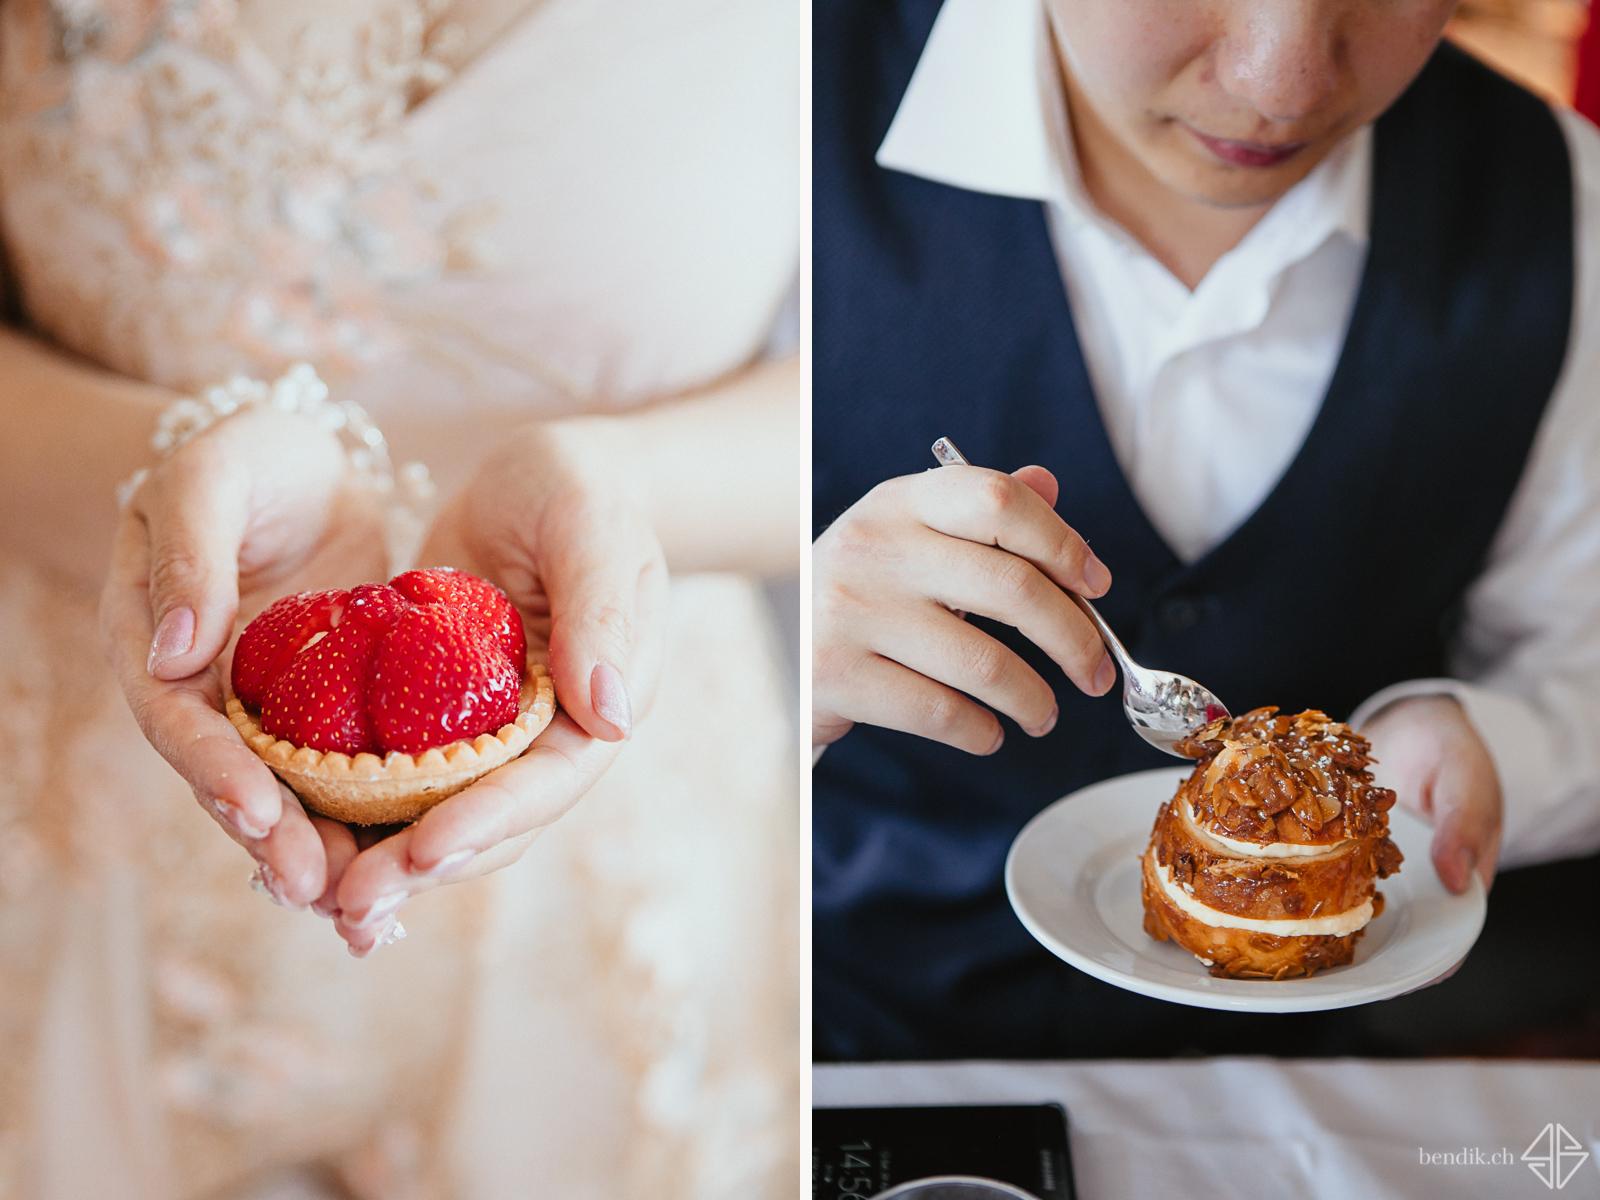 Braut zeigt Kuchen, wärend Bräutigam Kuchen isst